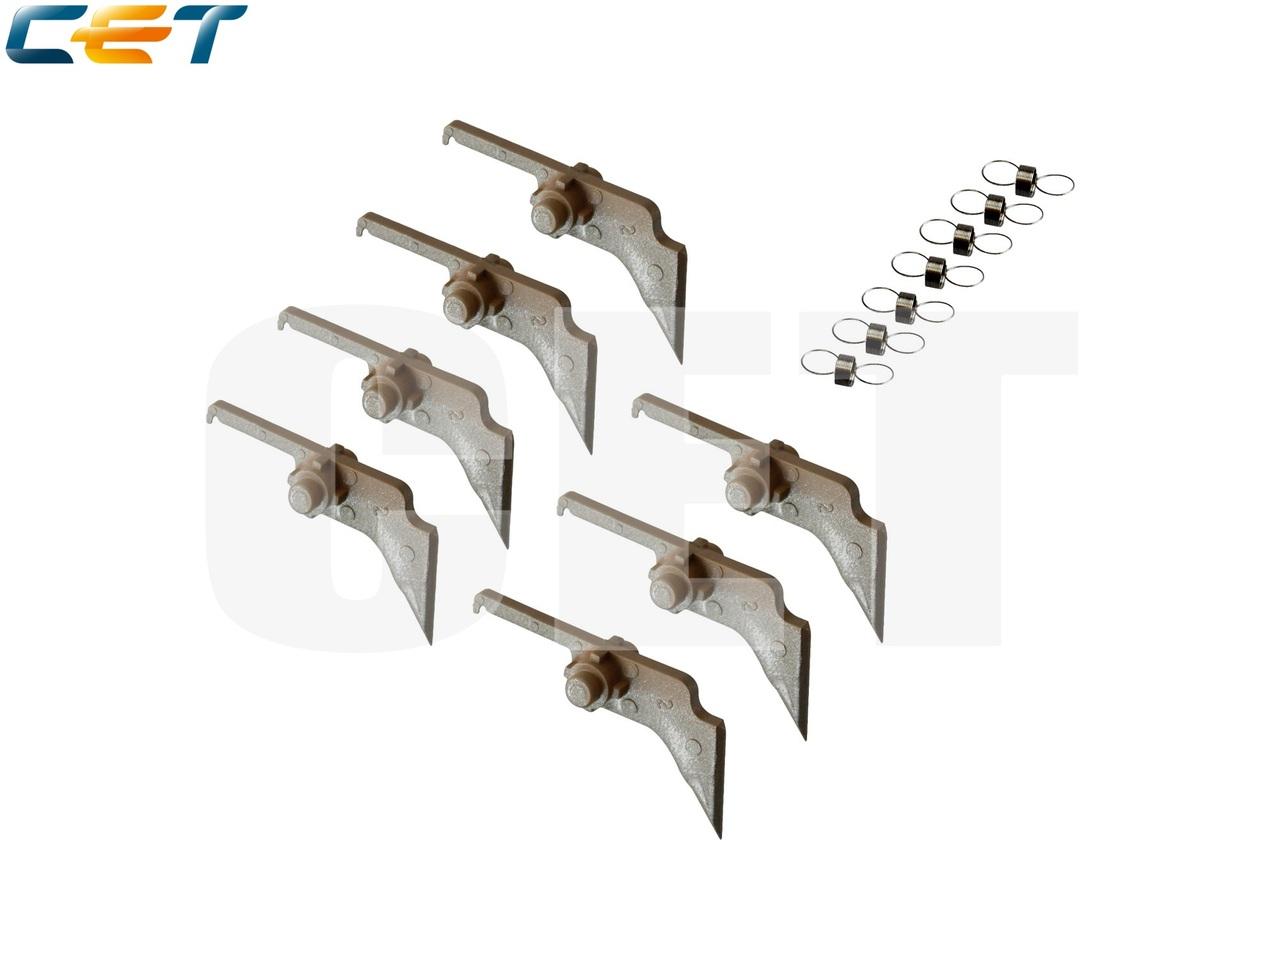 Сепаратор тефлонового вала с пружиной AE04-4099 дляRICOH Aficio MP4000/MP5000/MP4000B/MP5000B (CET),CET6181